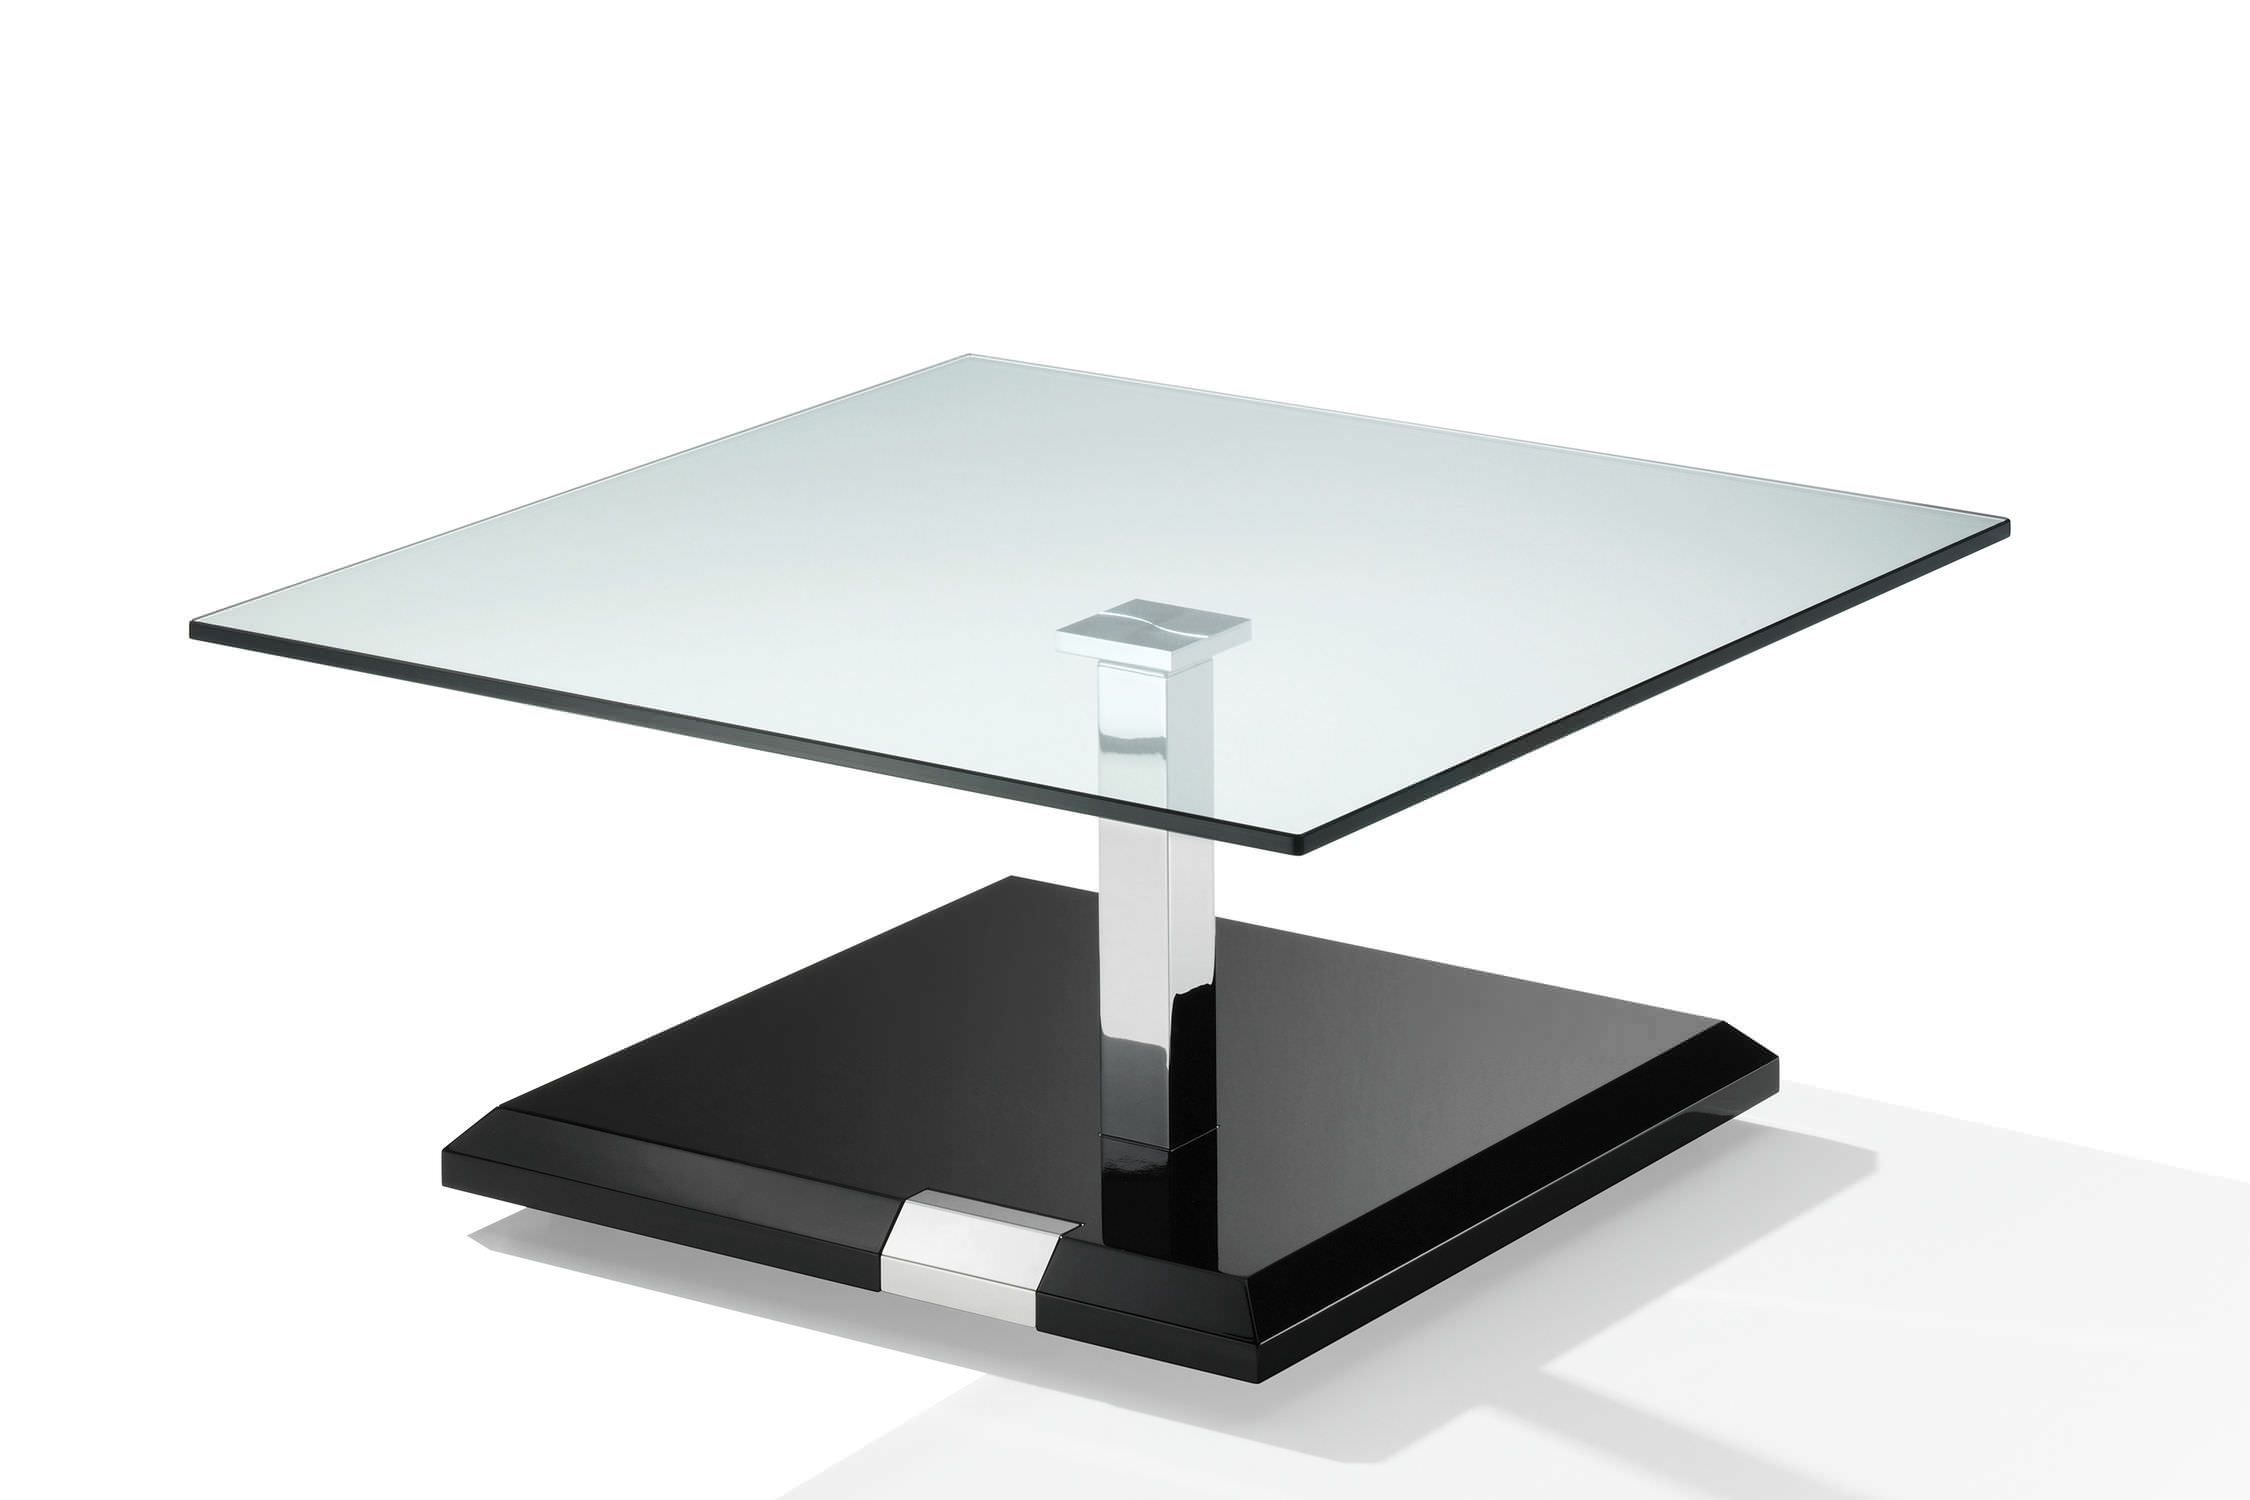 Couchtisch glas h henverstellbar rollen energiemakeovernop for Glas salontisch